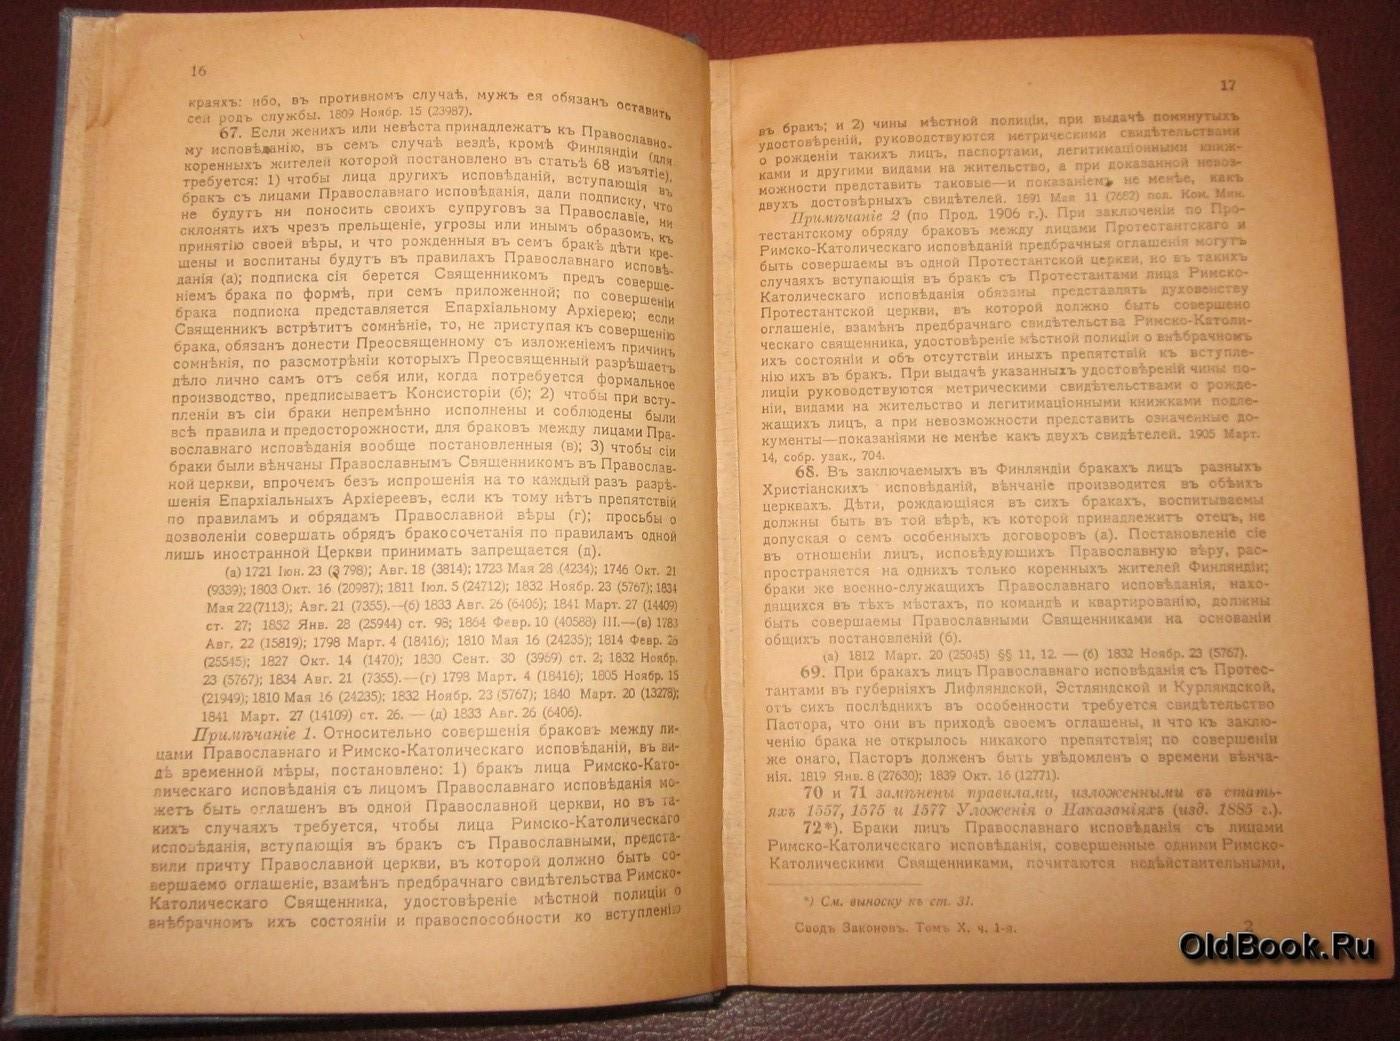 едва свод законов российской империи 1832 г наследование могло очень